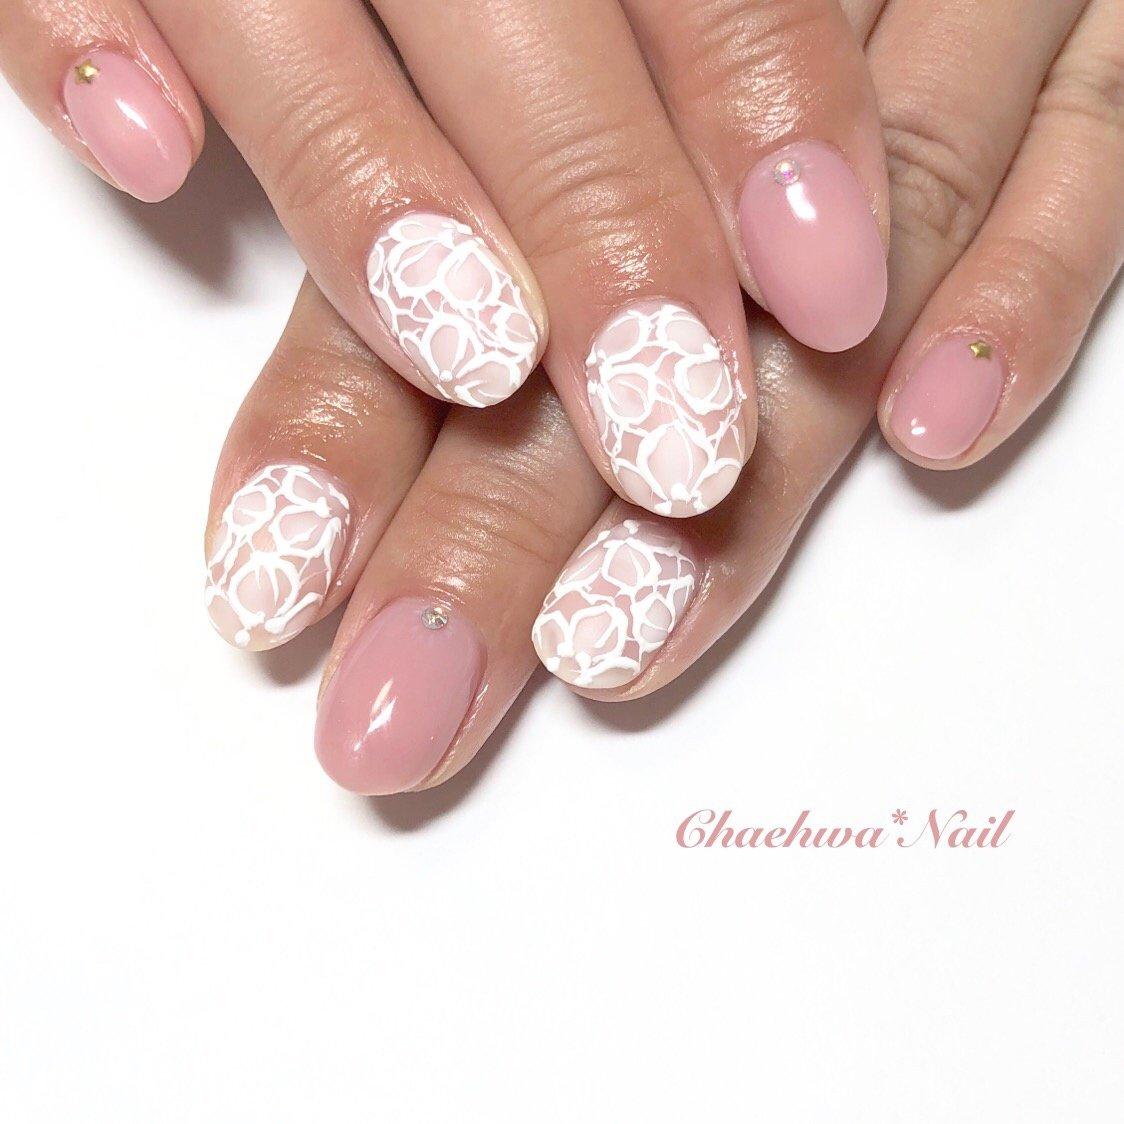 ピンク×お花レース♡  . #nails #naildesign #nailart #instanails #instagood #color #pink #art #painting #beige #cute #flower #chaehwanail #ネイル#ネイルデザイン #大人可愛い #お花レース #フラワー #レースネイル #ピンク #オフィス #カラー #手書き #川崎ネイルサロン #네일#네일아트#네일스타그램#손스타그램 #꽃 #아트 . ご予約は↓からお願いします! *LINE@ : @chaehwa_nail(@から検索) *Instagram DM : @chaehwa_nail *プロフィールからネイルブックに飛んでネット予約が可能です! . ご連絡お待ちしております(*´꒳`*)♪ Chaehwa*Nail #春 #夏 #オールシーズン #デート #ハンド #ワンカラー #フラワー #レース #ミディアム #ホワイト #ピンク #ジェル #お客様 #chaehwa_8127 #ネイルブック